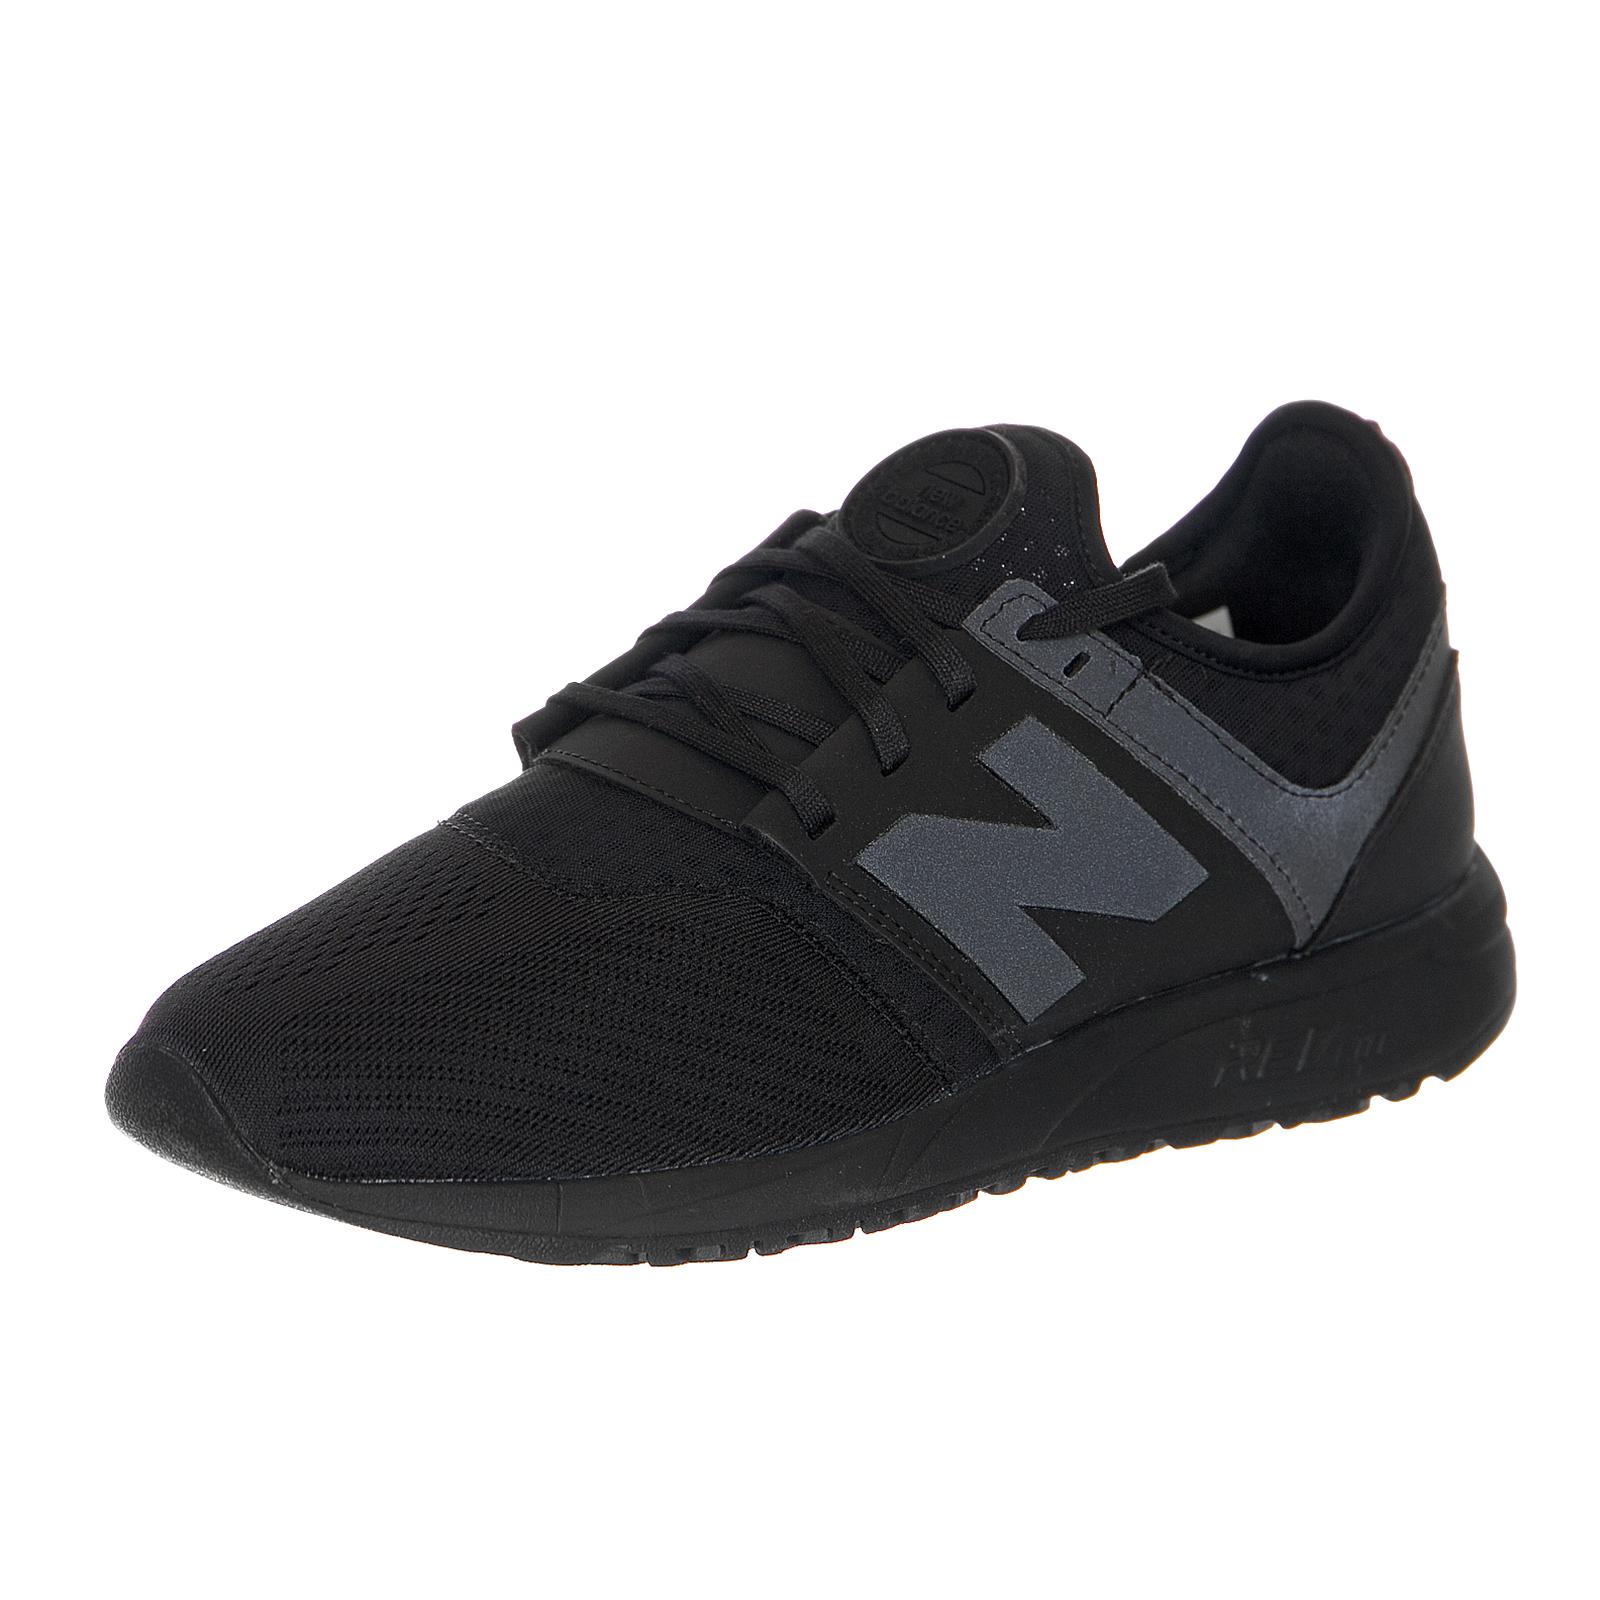 Neu Gleichgewicht Chaussure Lifestyle Unisex Synthetische Total Black Schwarz